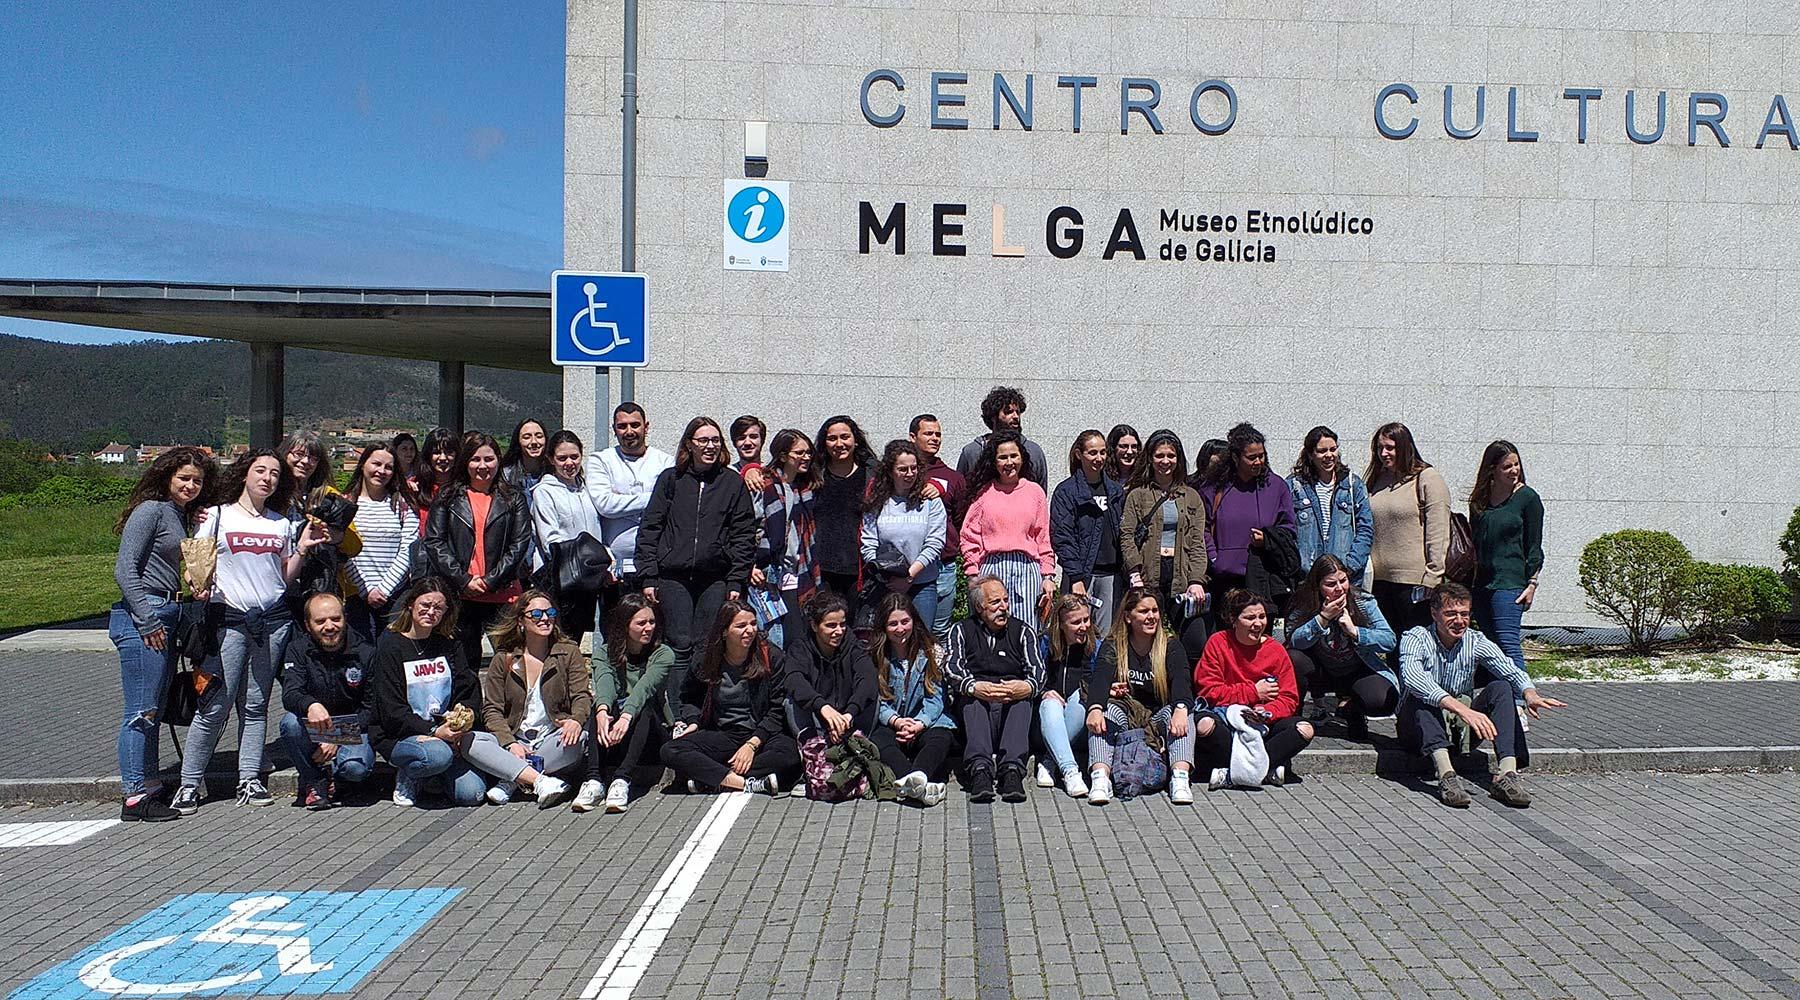 Outro ano máis no Melga de Ponteceso, a Facultade de Ciencias da Educación de Santiago de Compostela